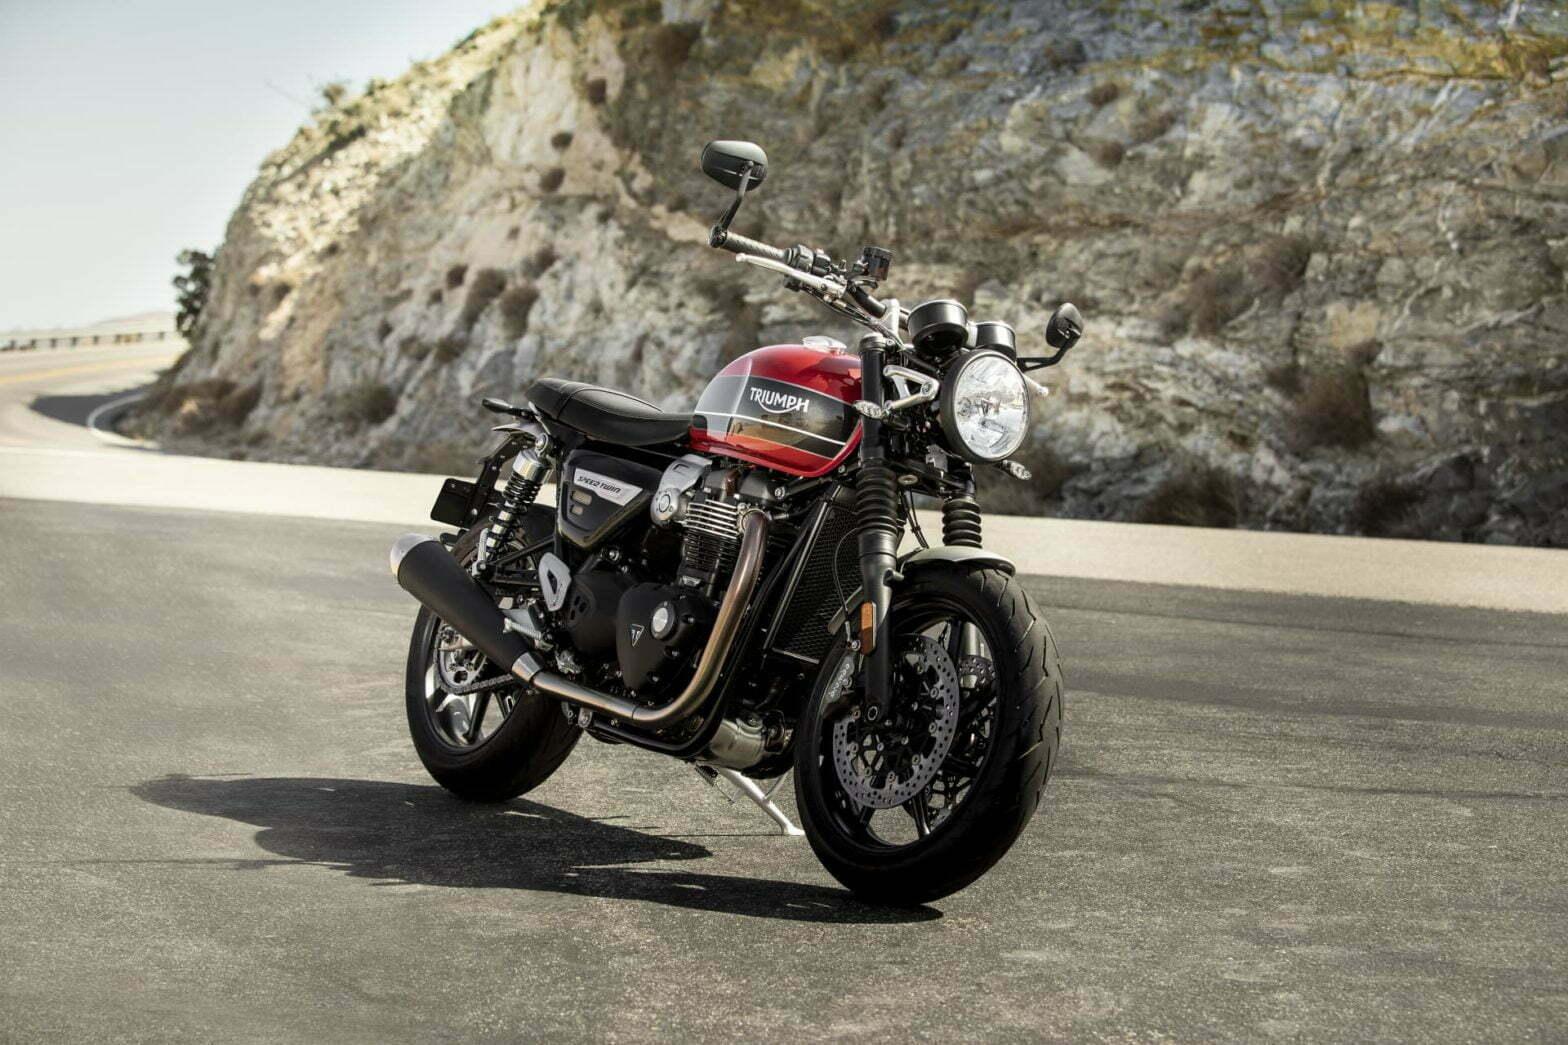 La Triumph Speed Twin es la nueva moto neoretro de Triumph y llega con 97 CV